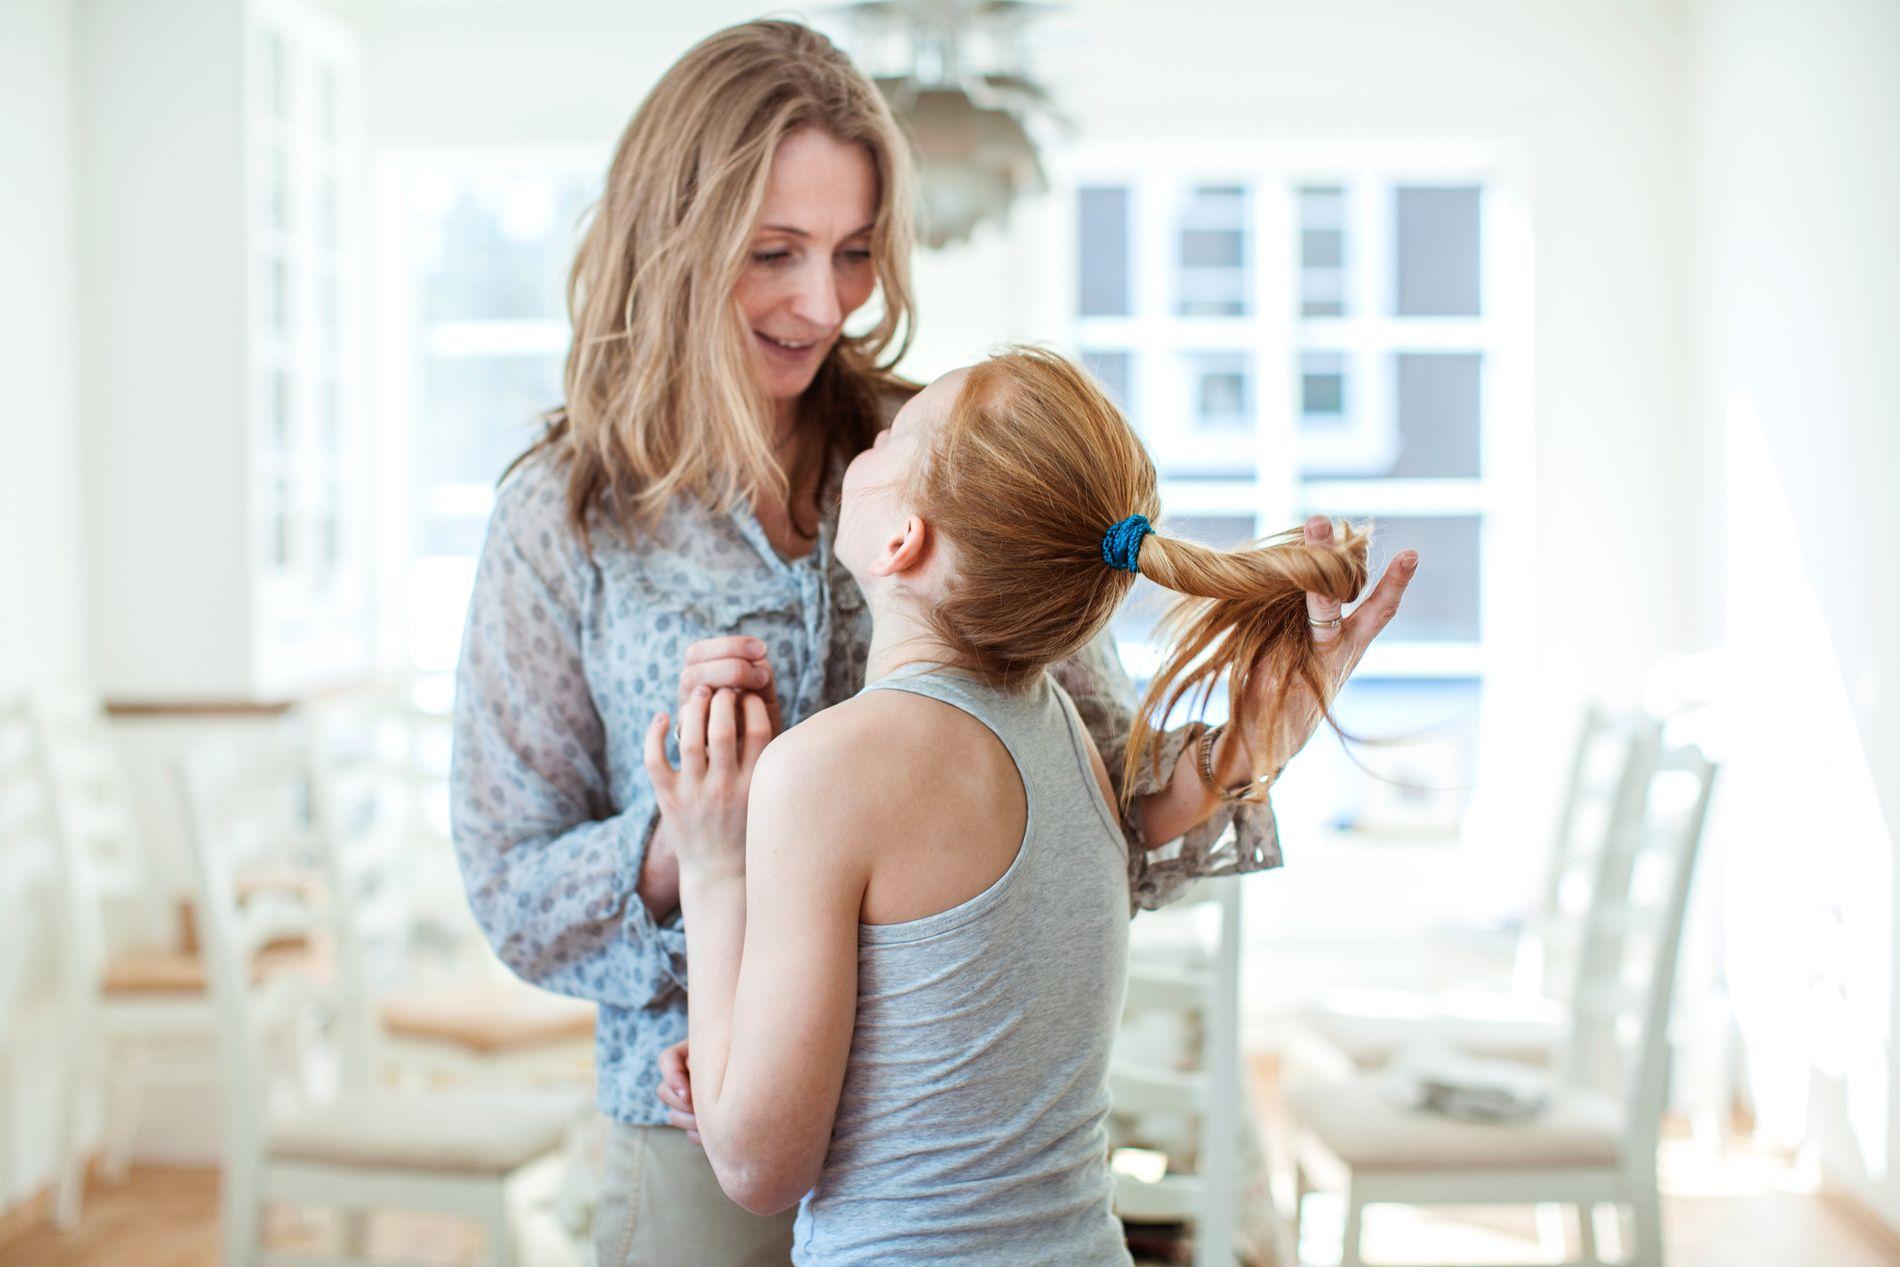 I familiehjem er den ene forelderen hjemme på fulltid.